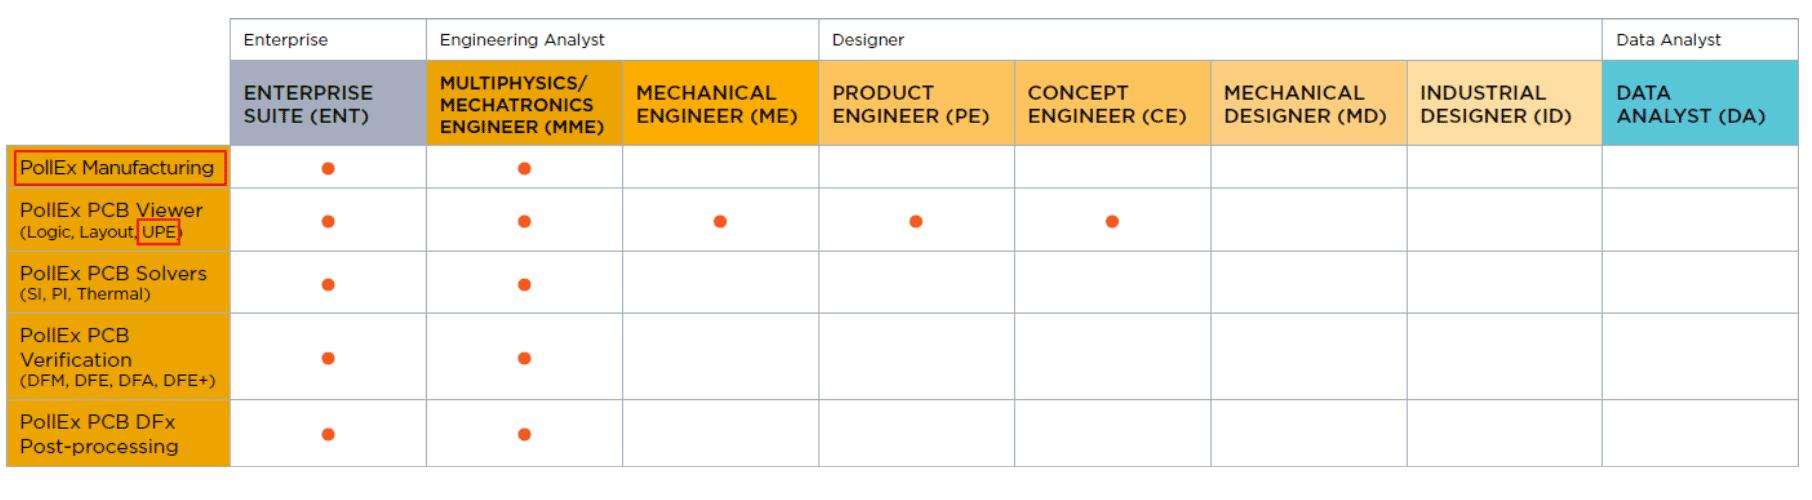 Altair Pollex Таблица распределения юнитов Altair для программных решений Altair PollEx